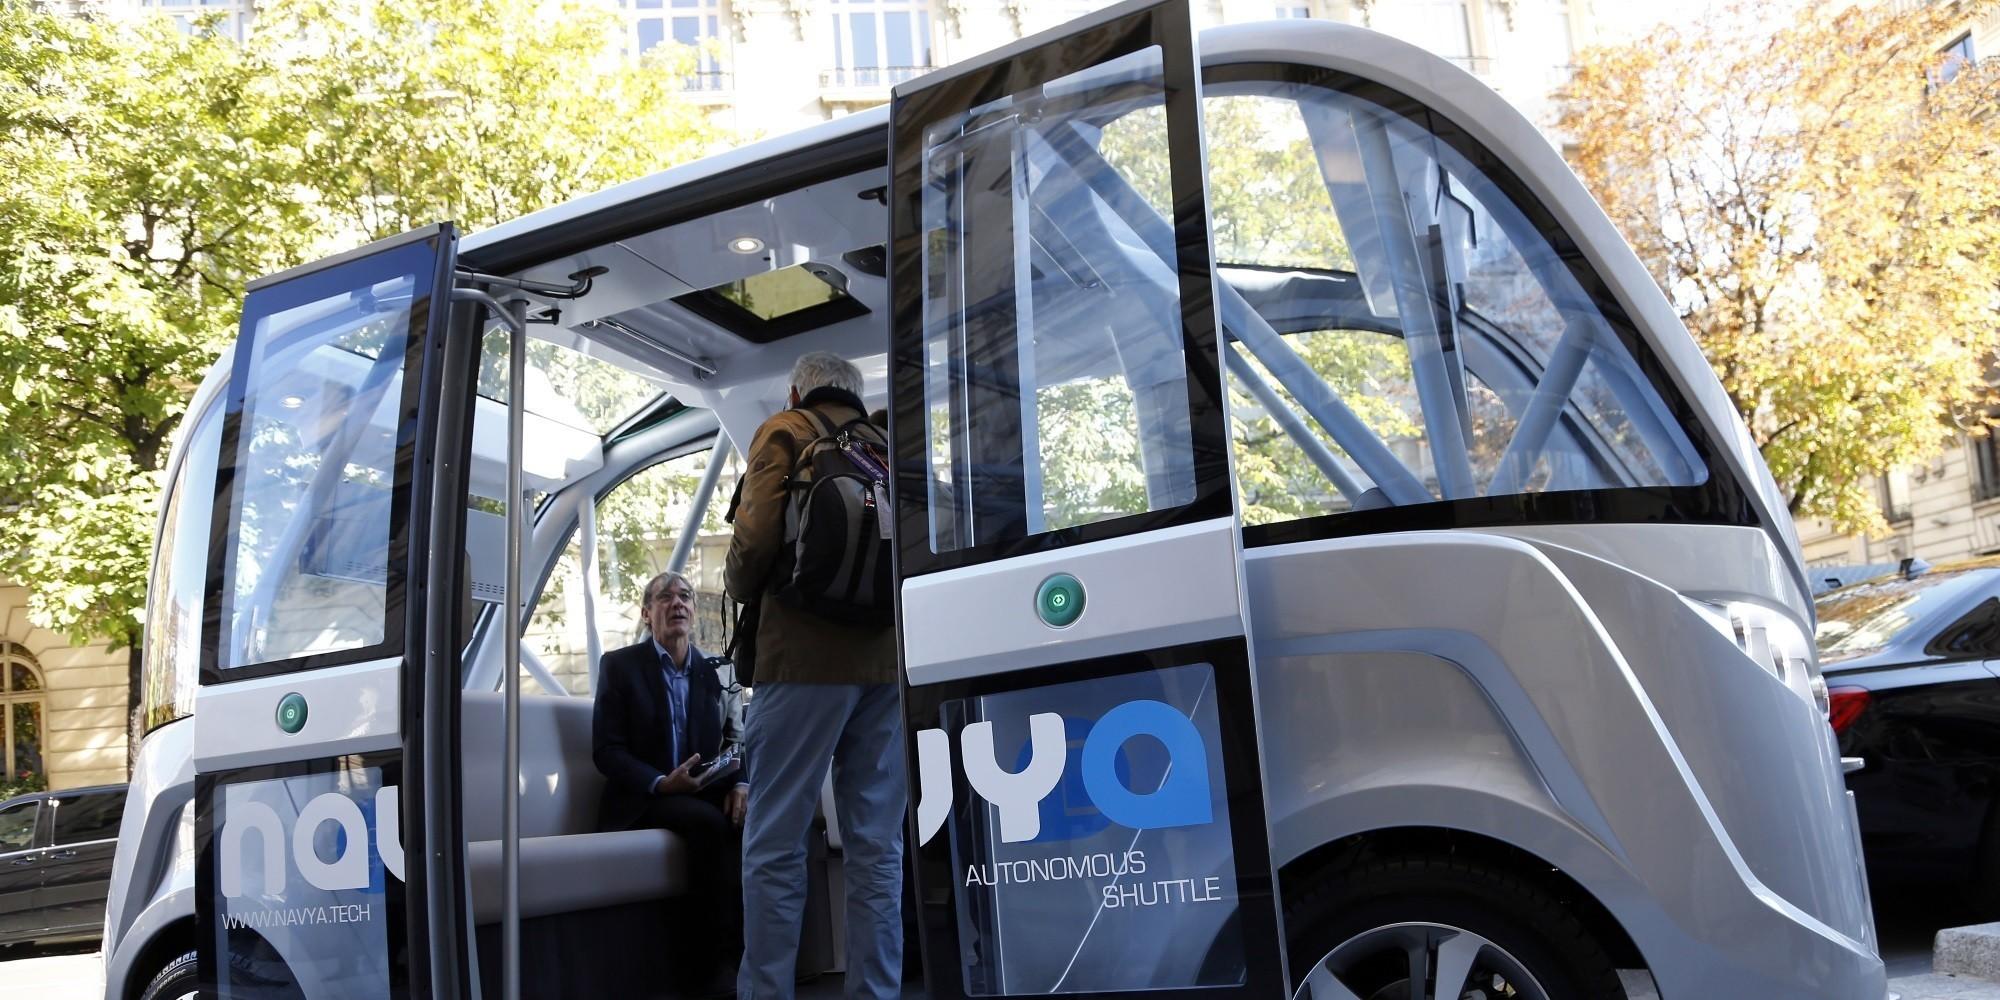 des bus sans chauffeur en exp rimentation lyon pendant un an. Black Bedroom Furniture Sets. Home Design Ideas